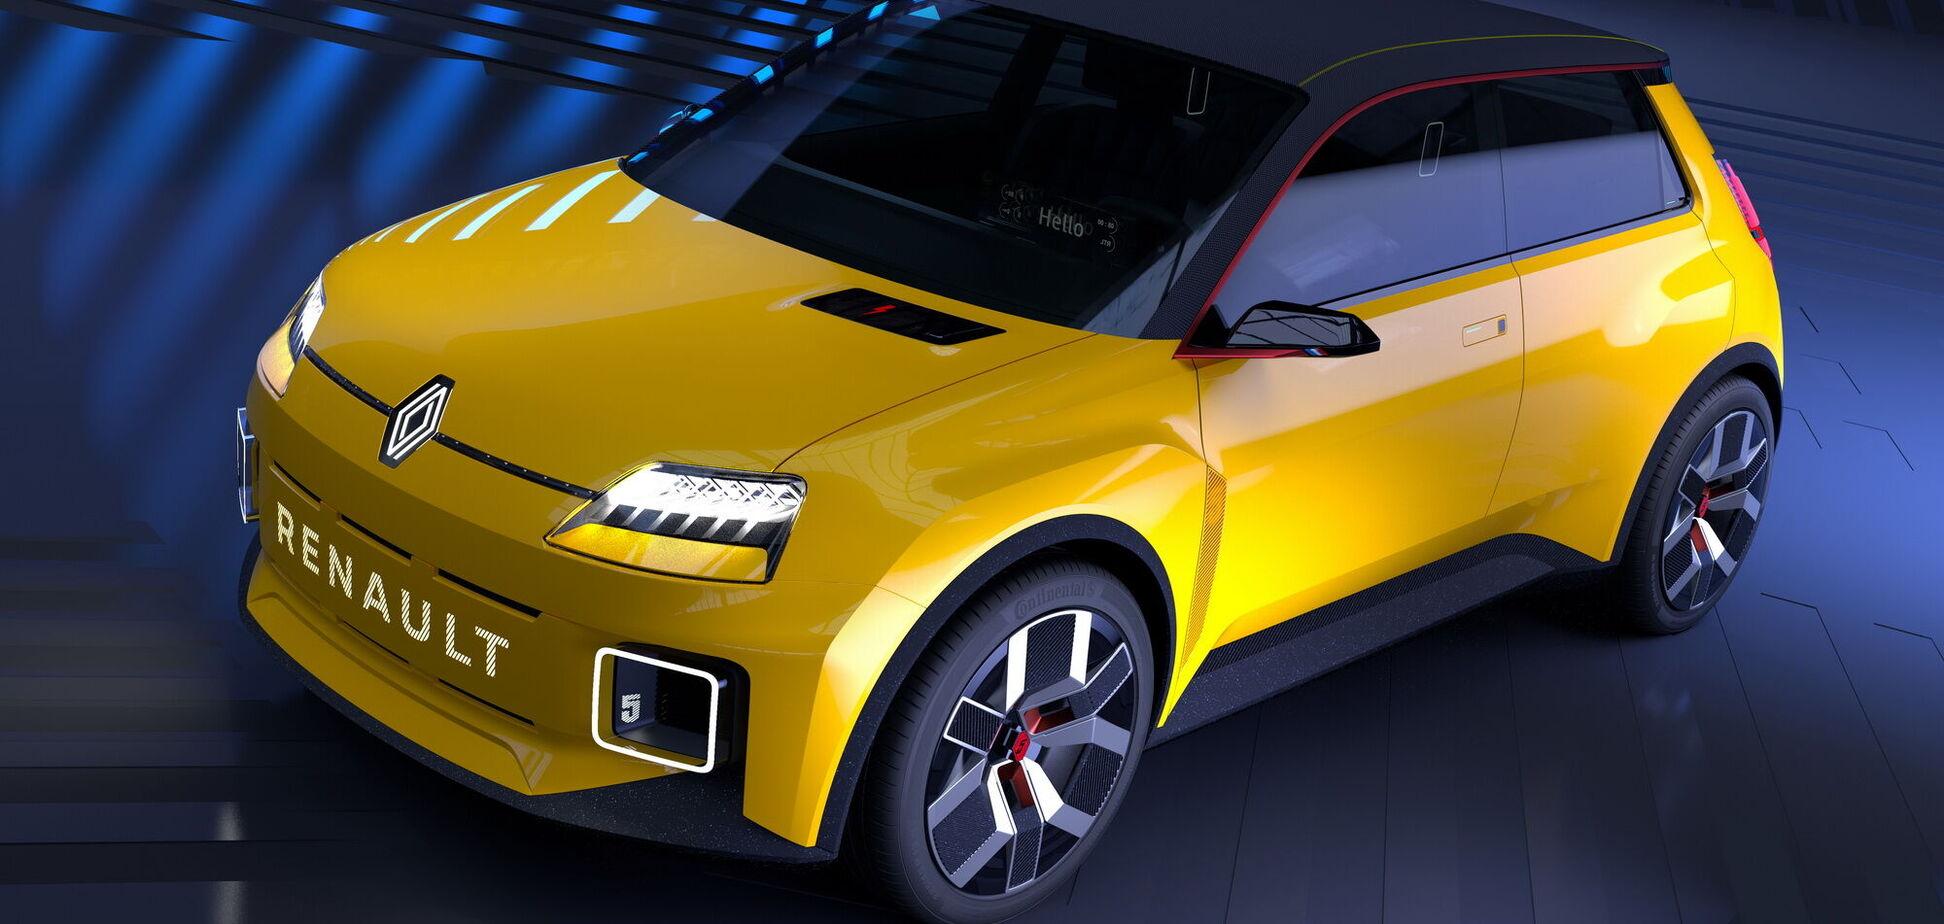 Renault показала наследника легендарной Renault 5